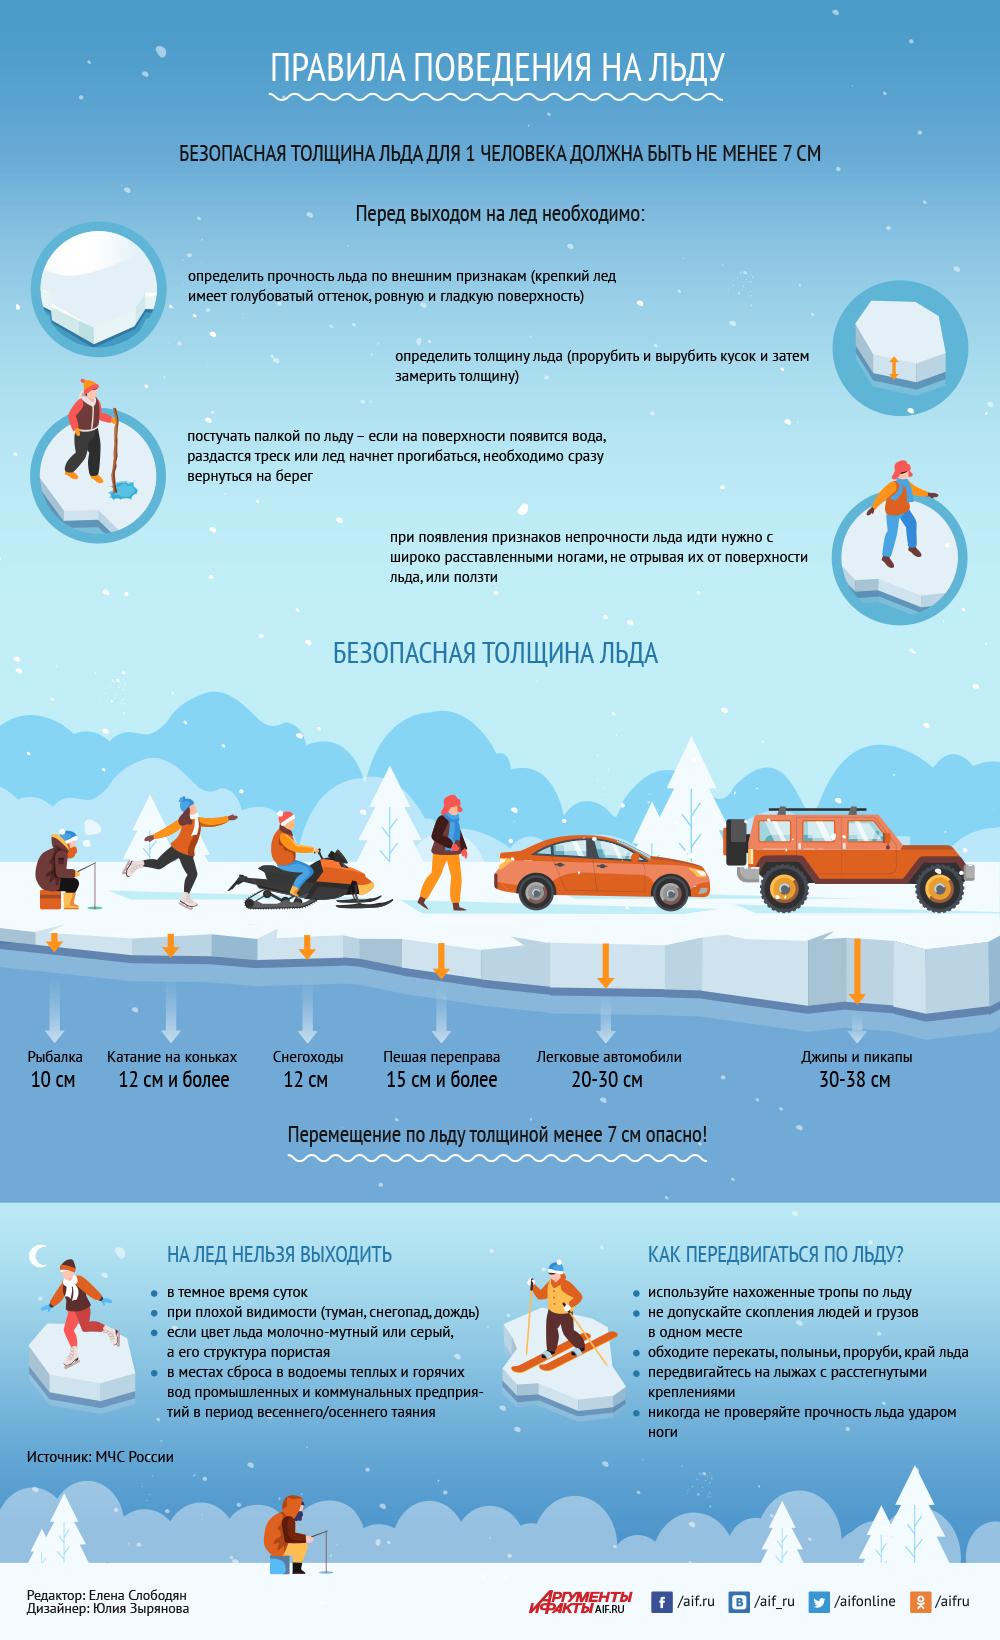 Правила поведения на льду. Инфографика